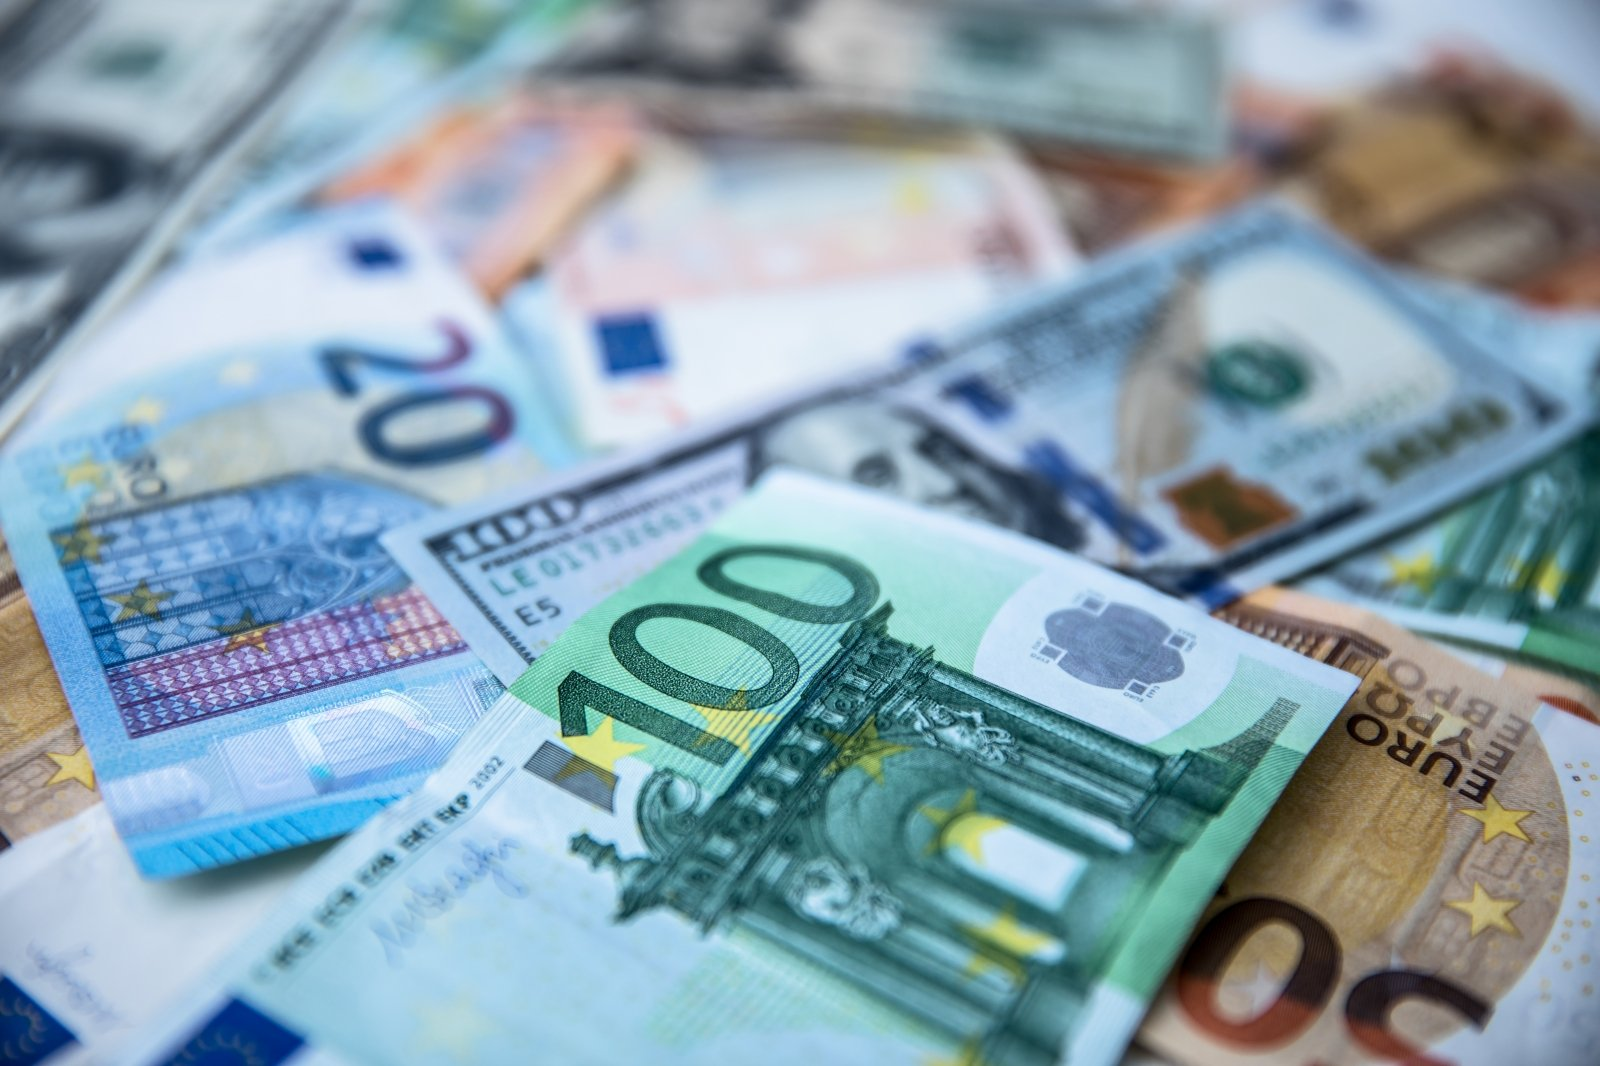 galimybė užsidirbti papildomų pinigų parinkčių demonstracinės sąskaitos registracija